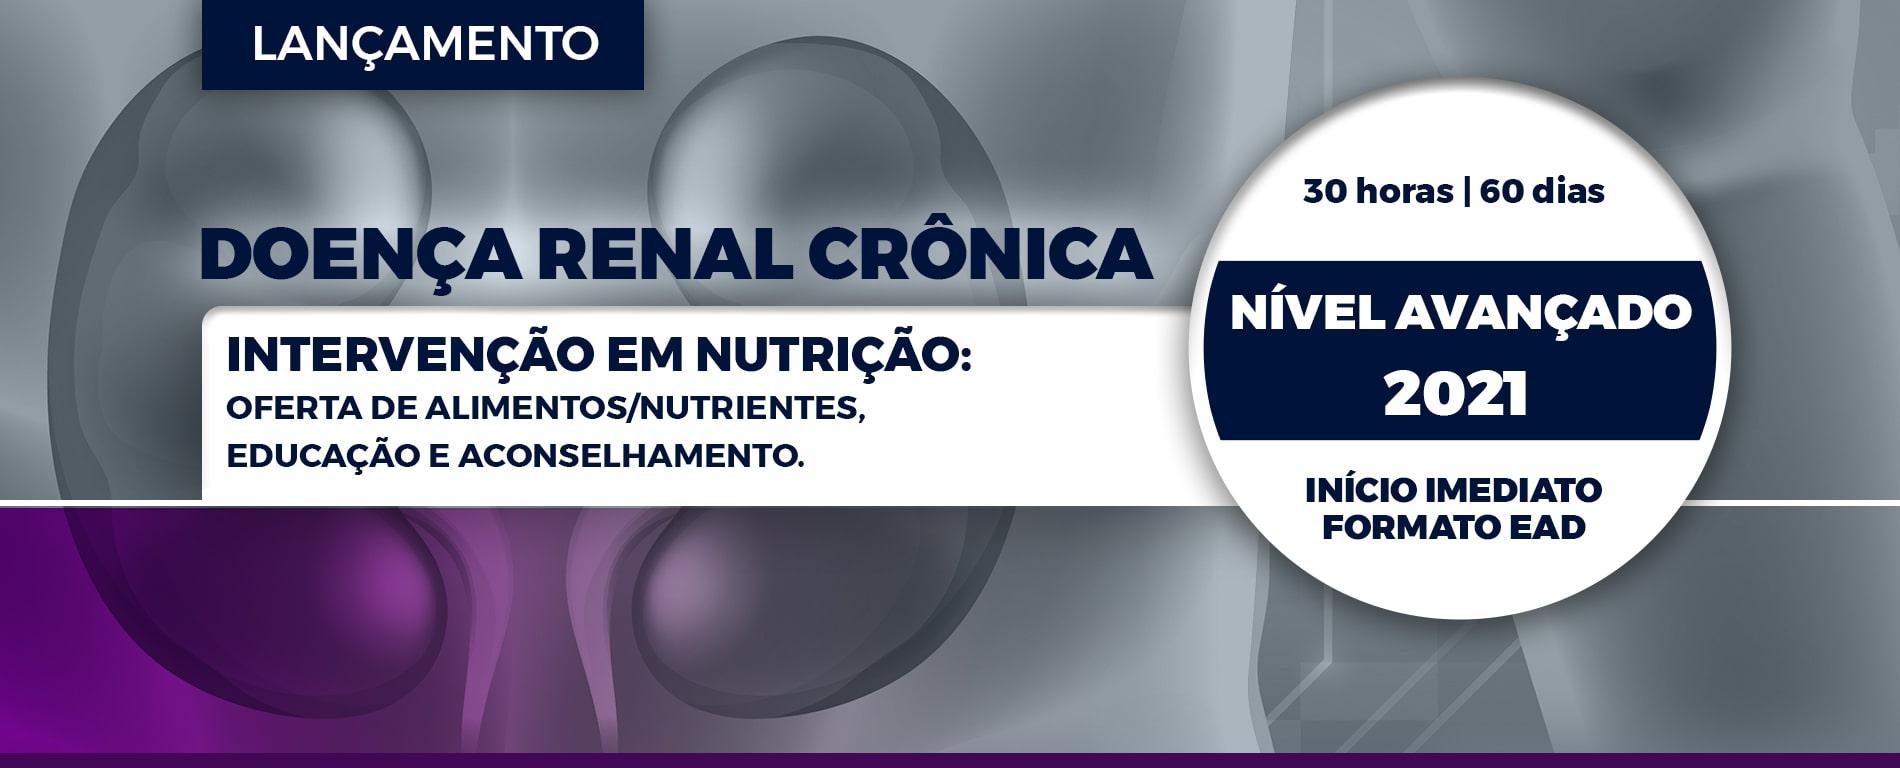 Banner Curso Doença Renal cronica Intervenção em nutrição